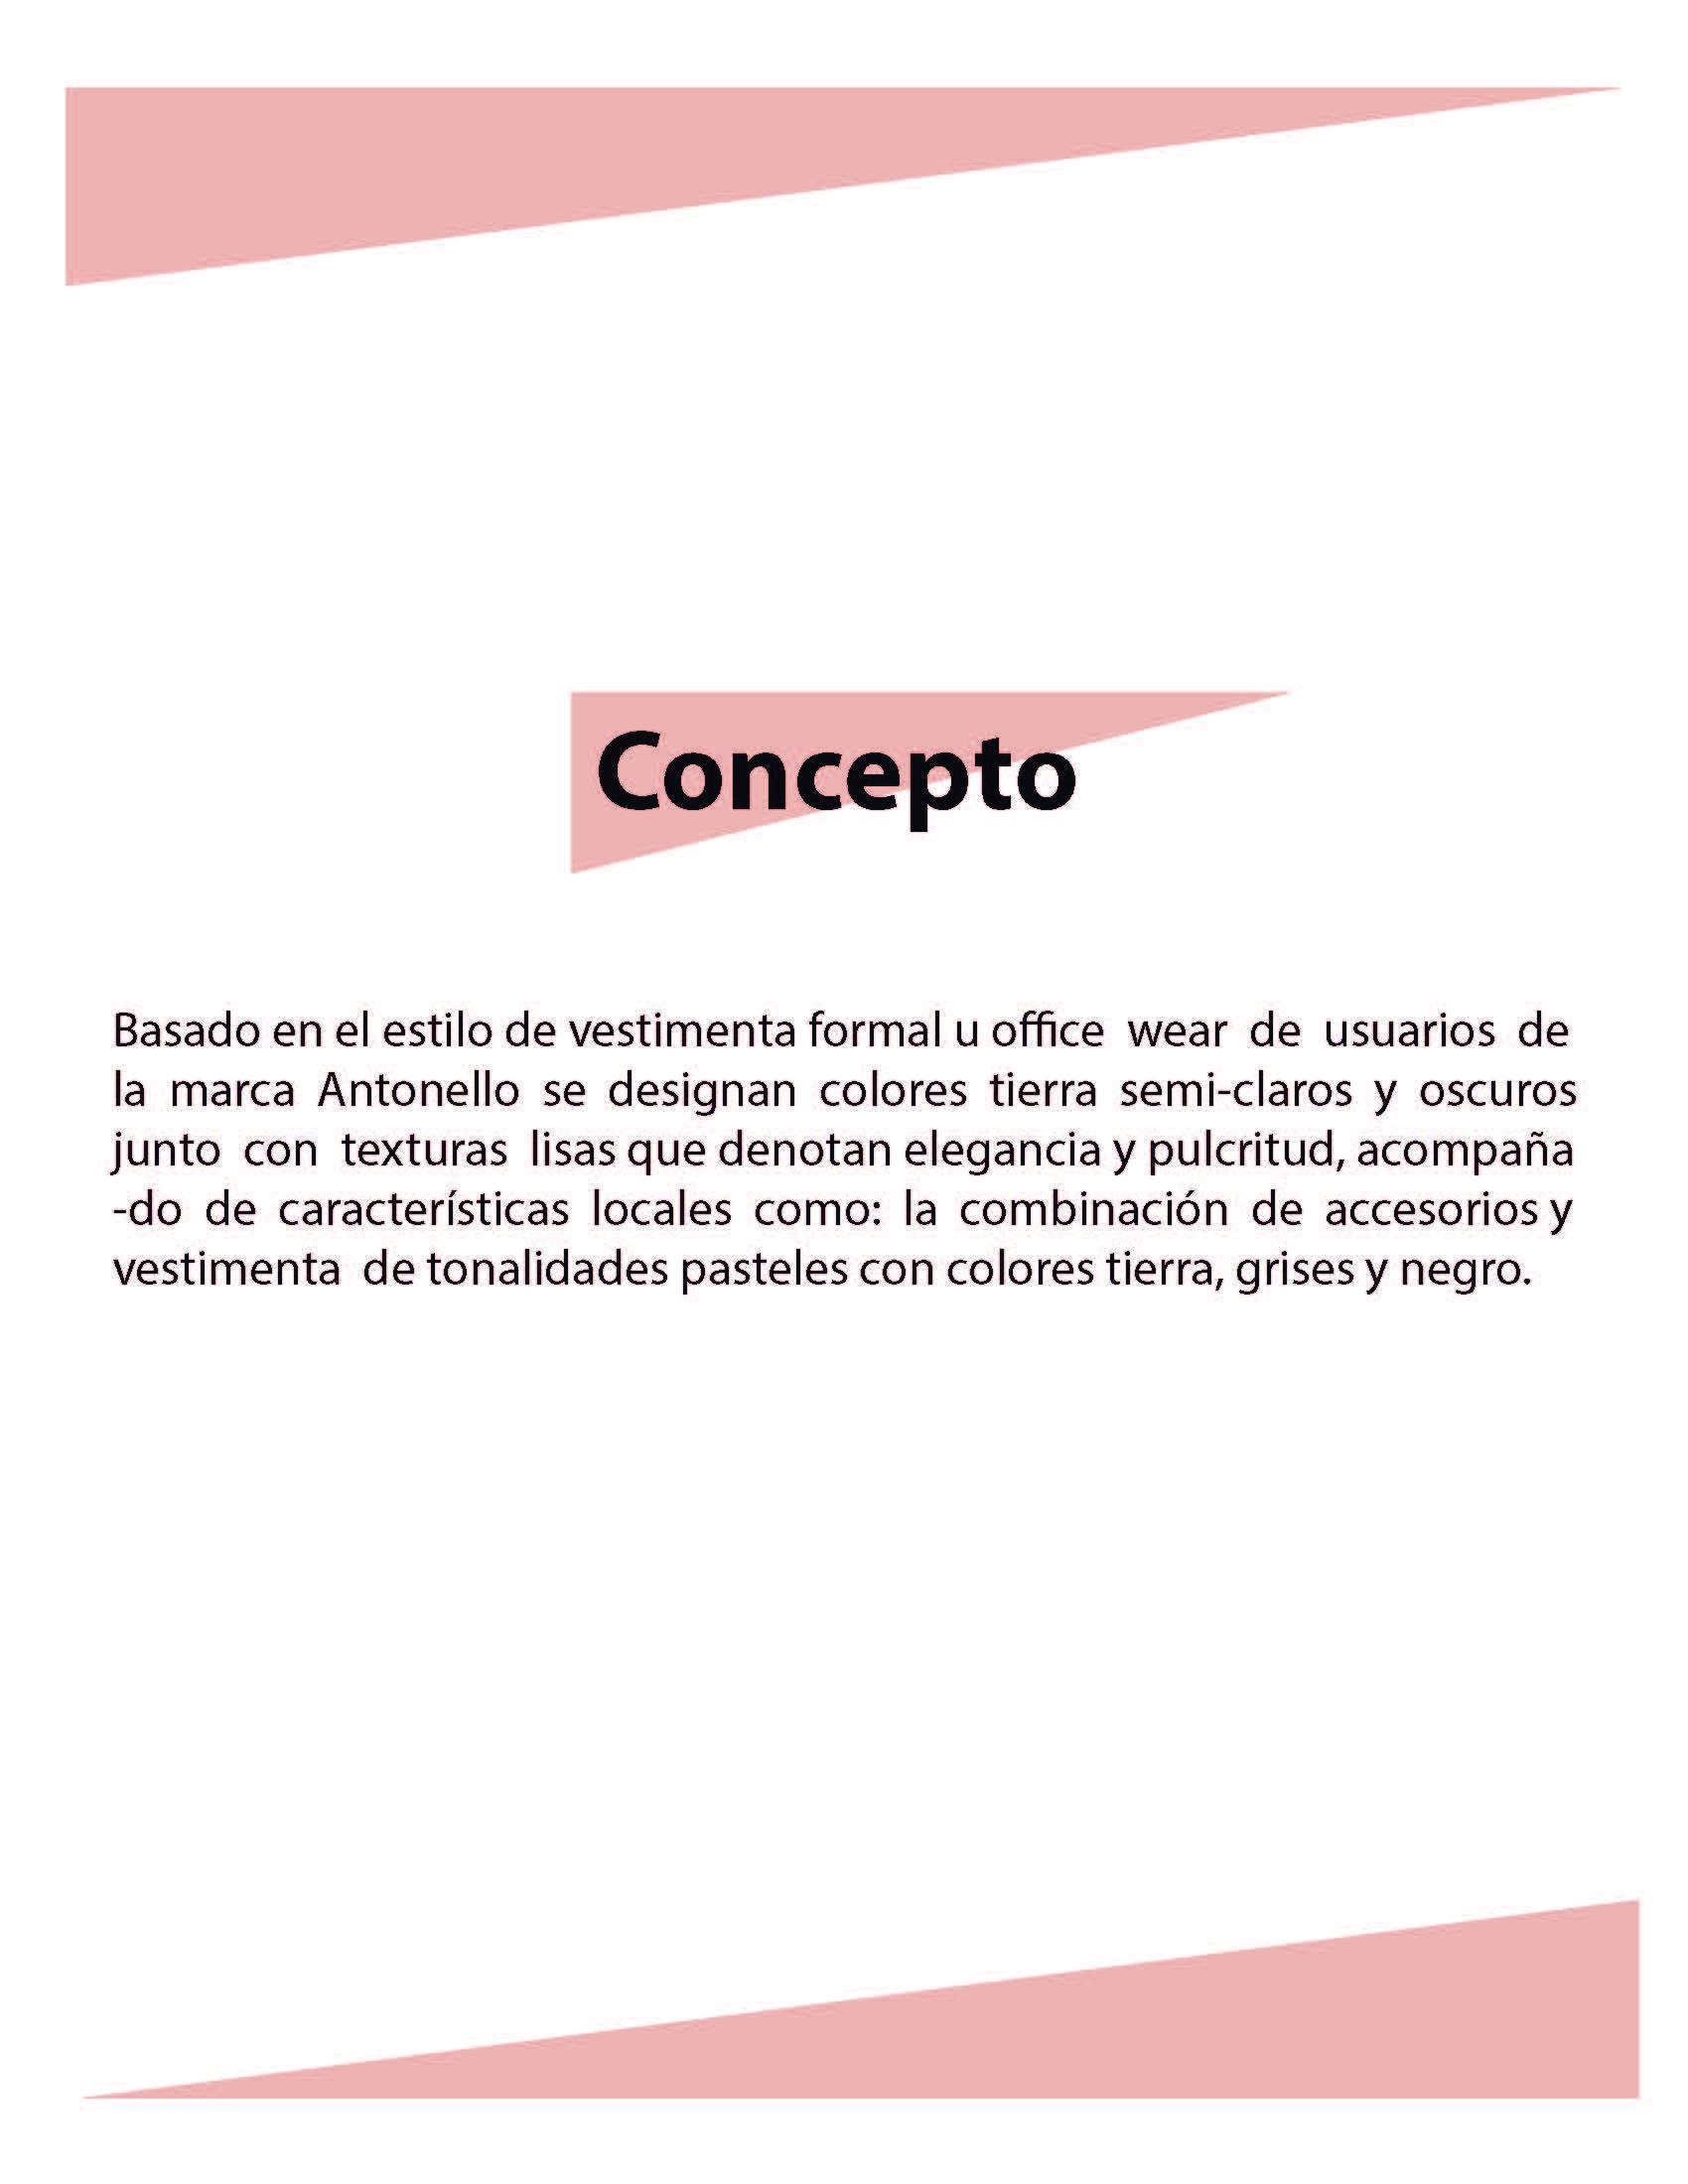 pagina_05.jpg